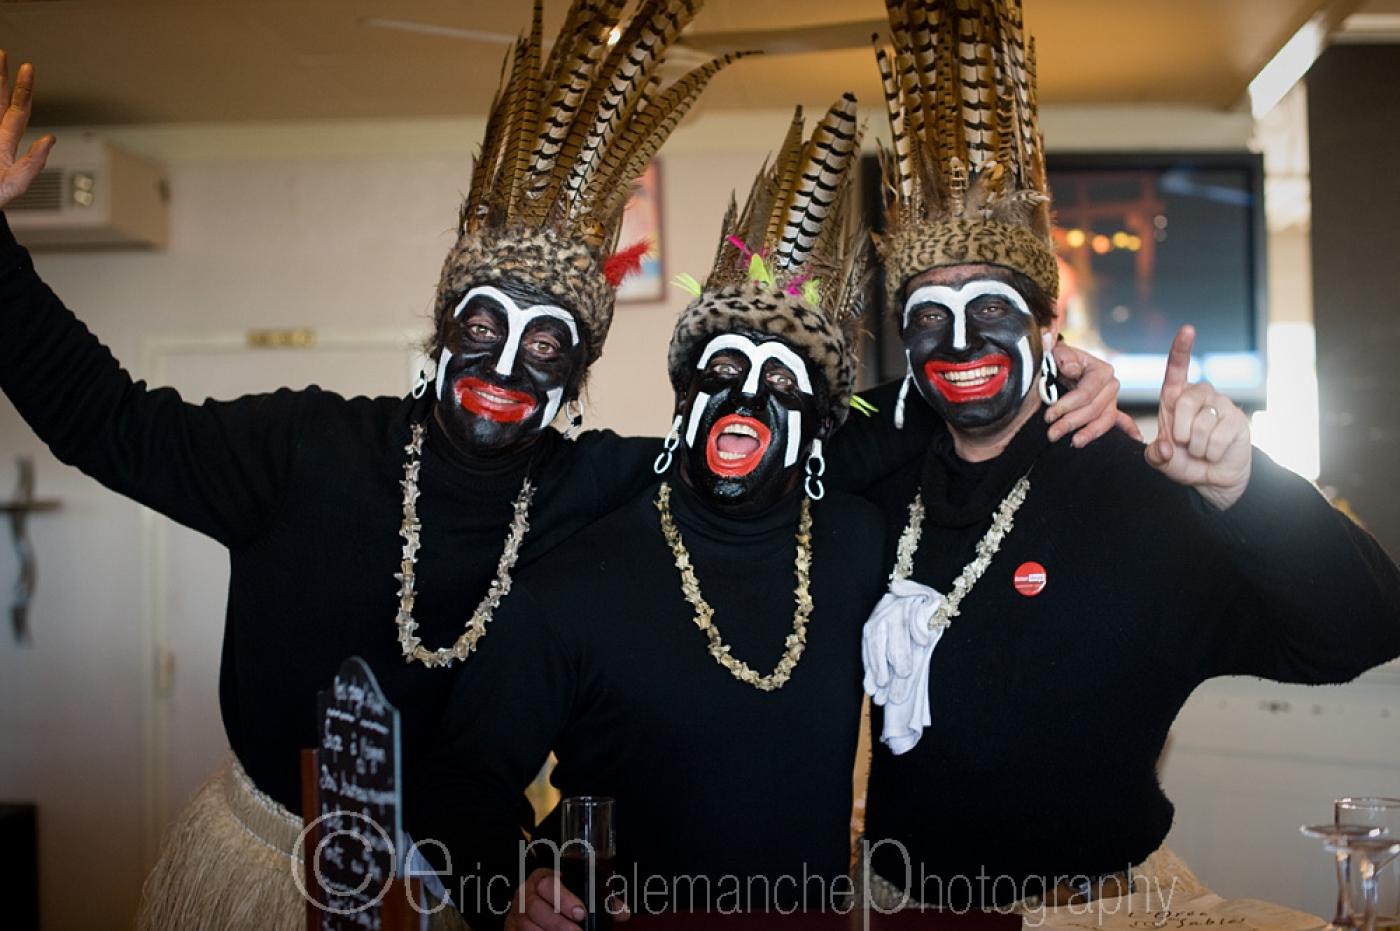 http://www.ericmalemanche.com/imagess/topics/carnaval-de-dunkerque/liste/Carnaval-Dunkerque-1297.jpg